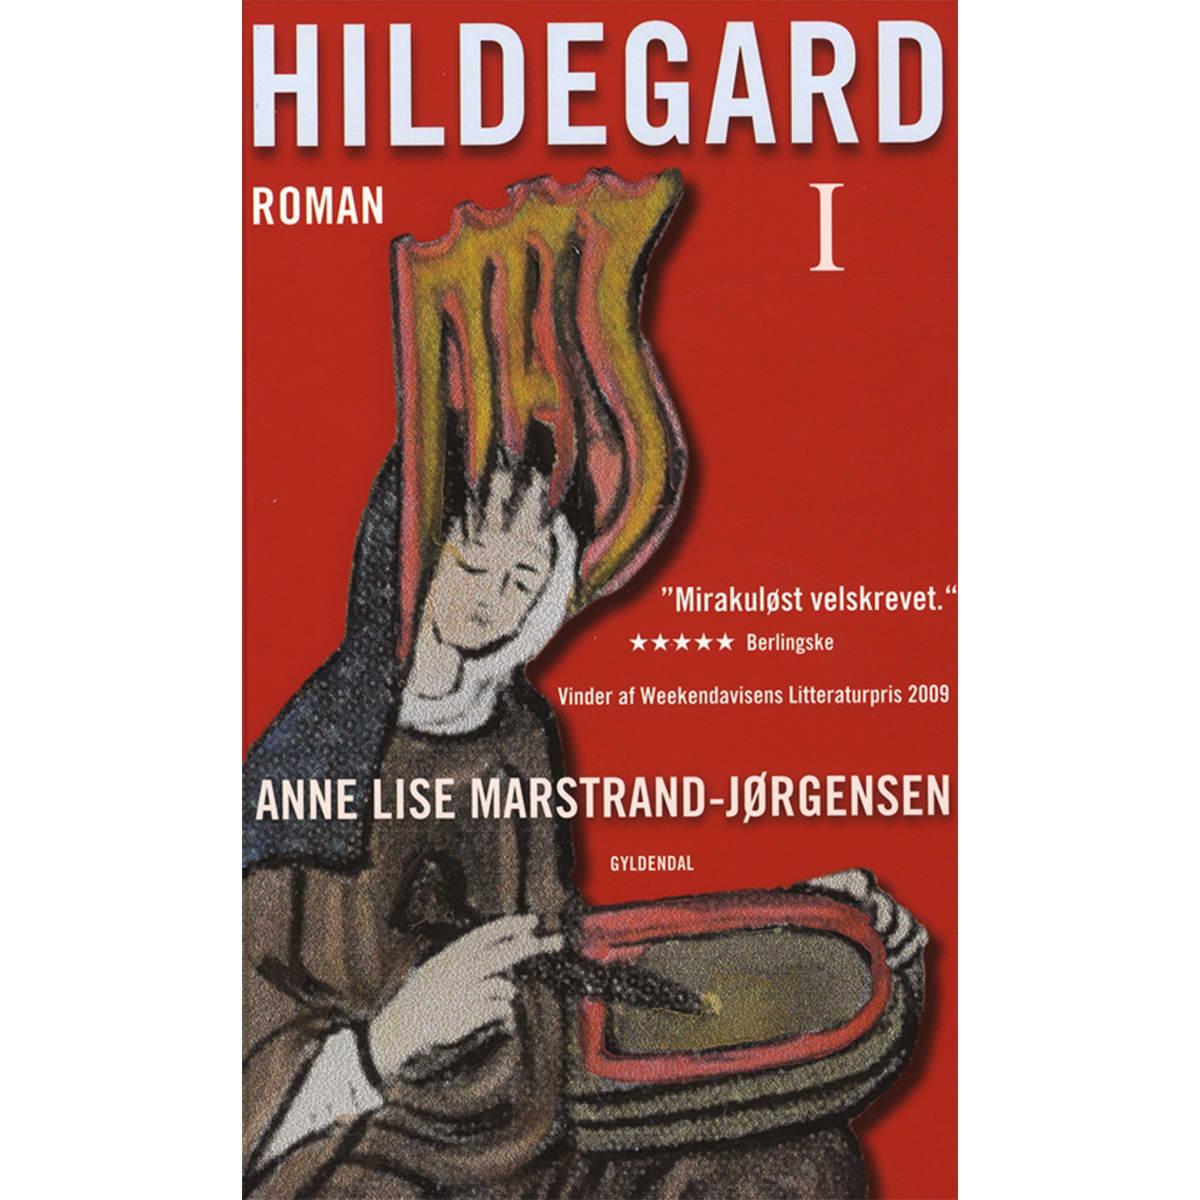 Af Anne Lise Marstrand-Jørgensen